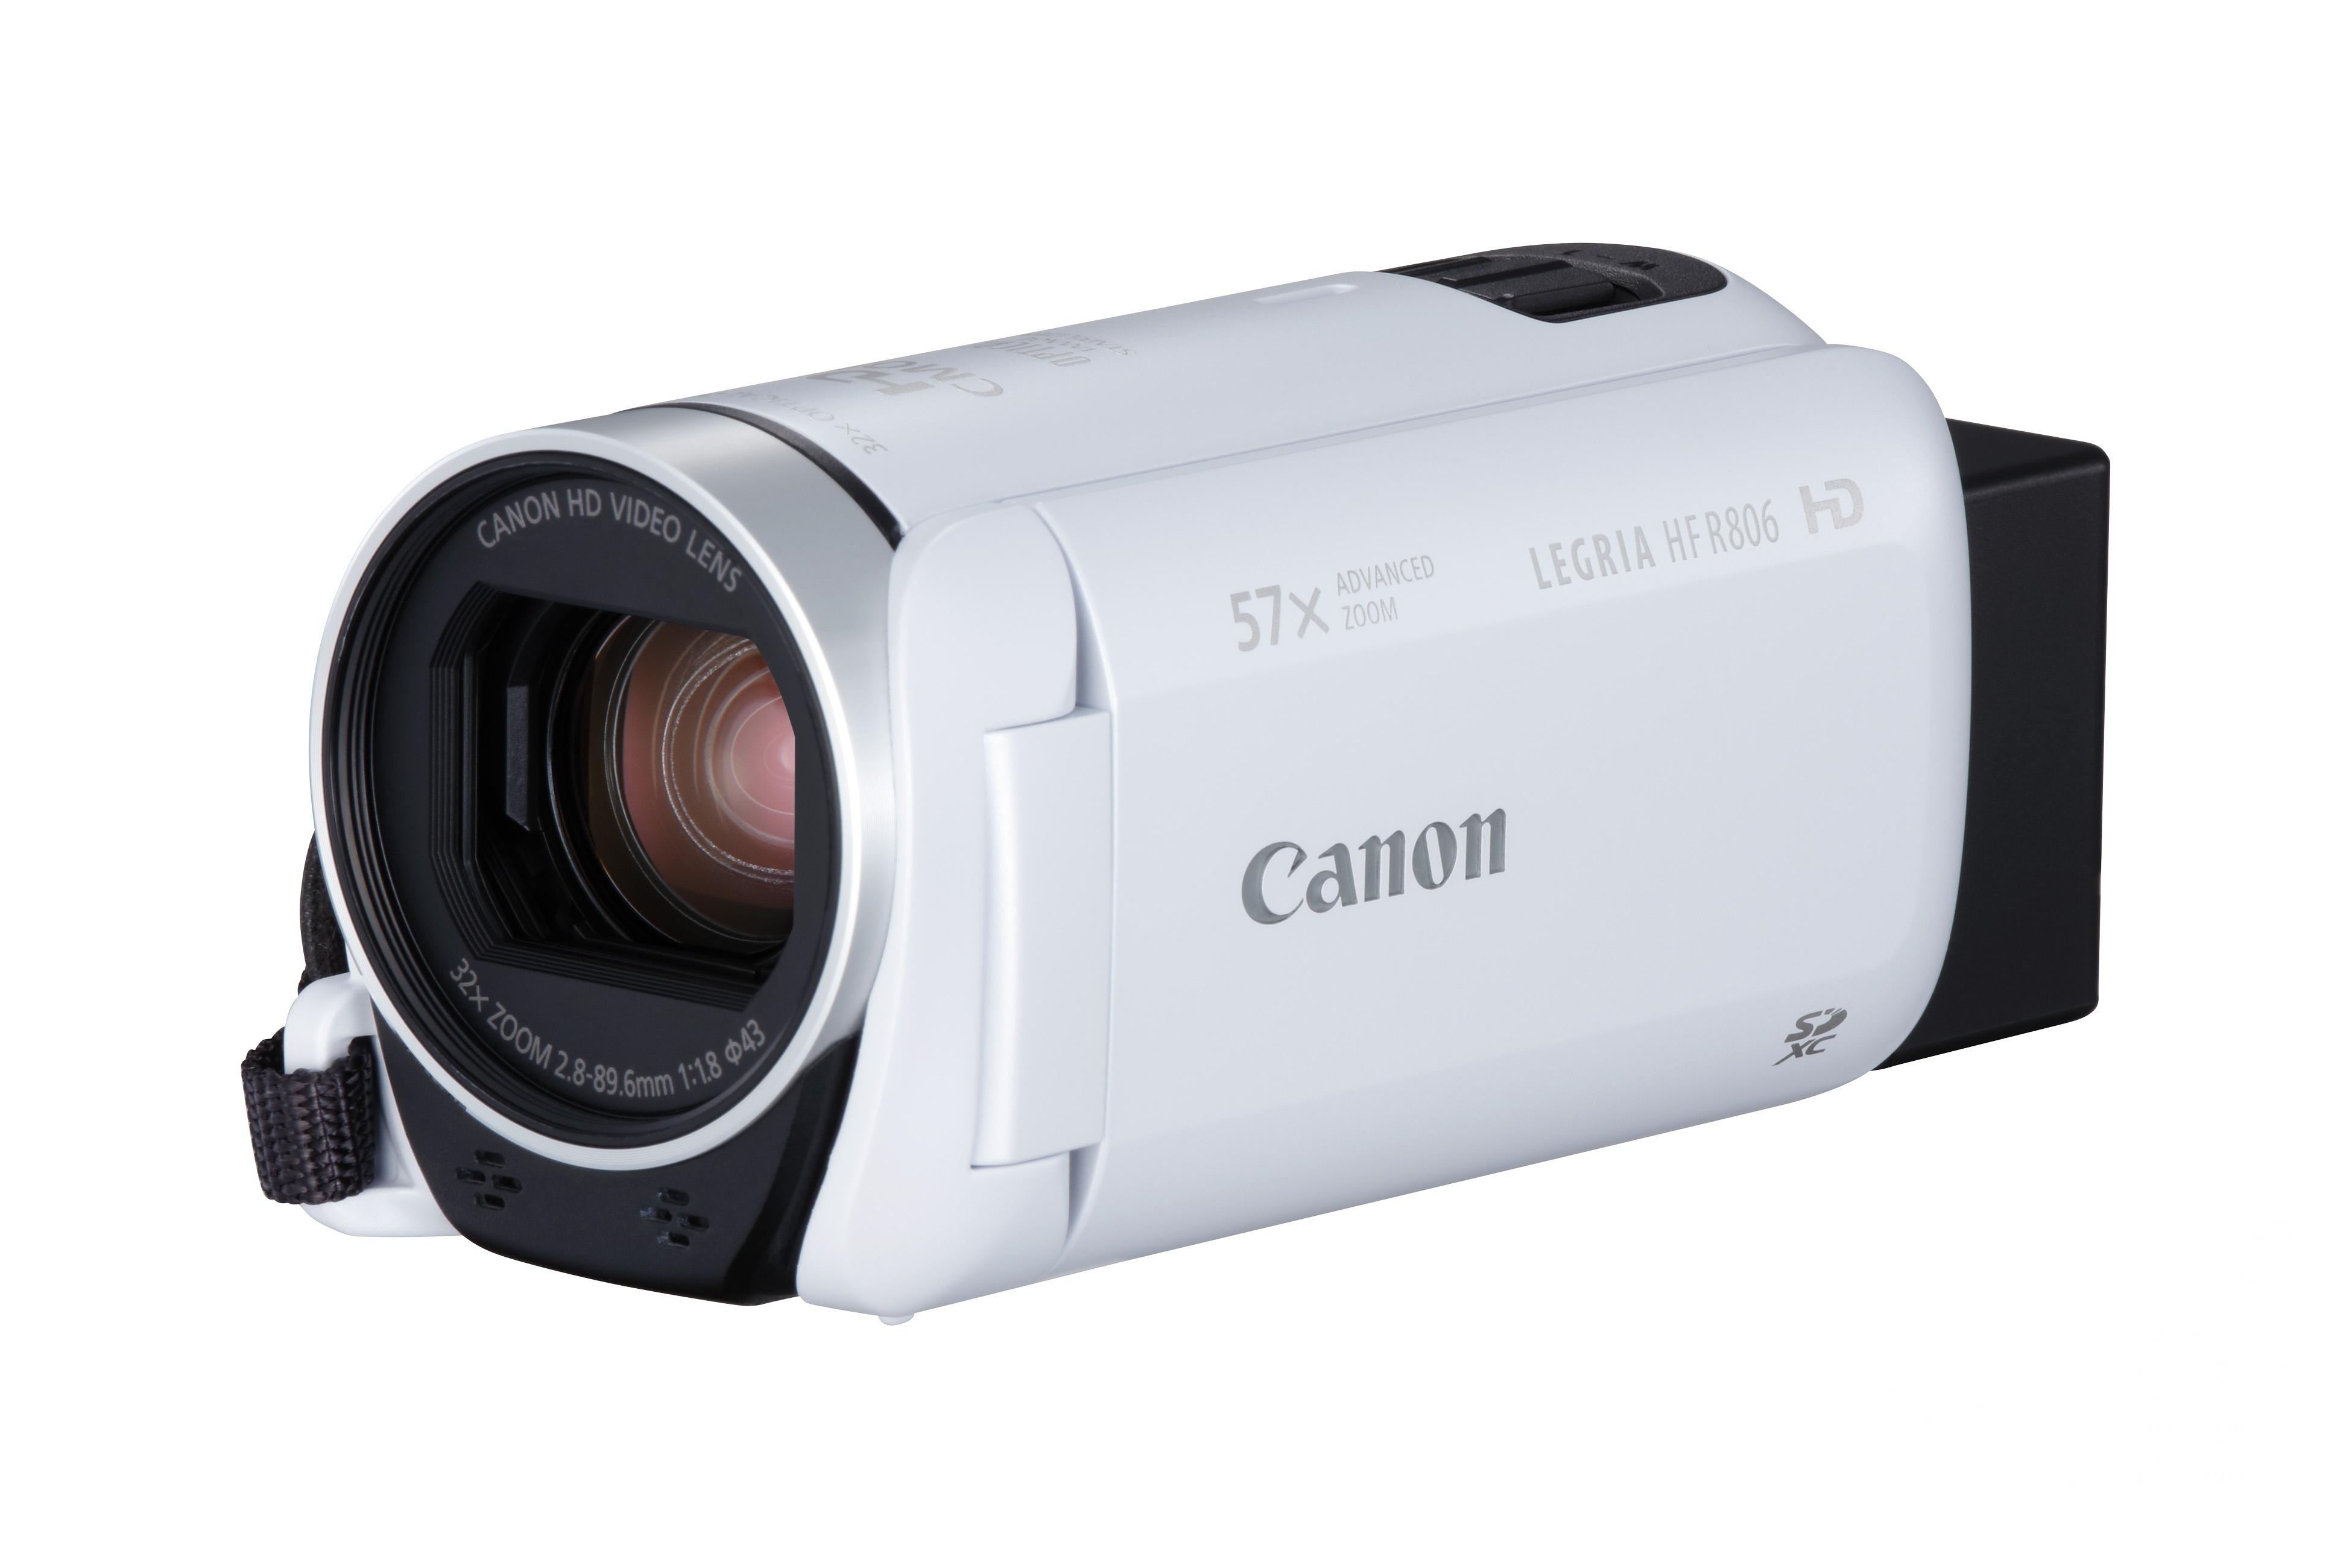 Canon / Canon legria HF r906 HD digital camera professional wedding home DV recorder